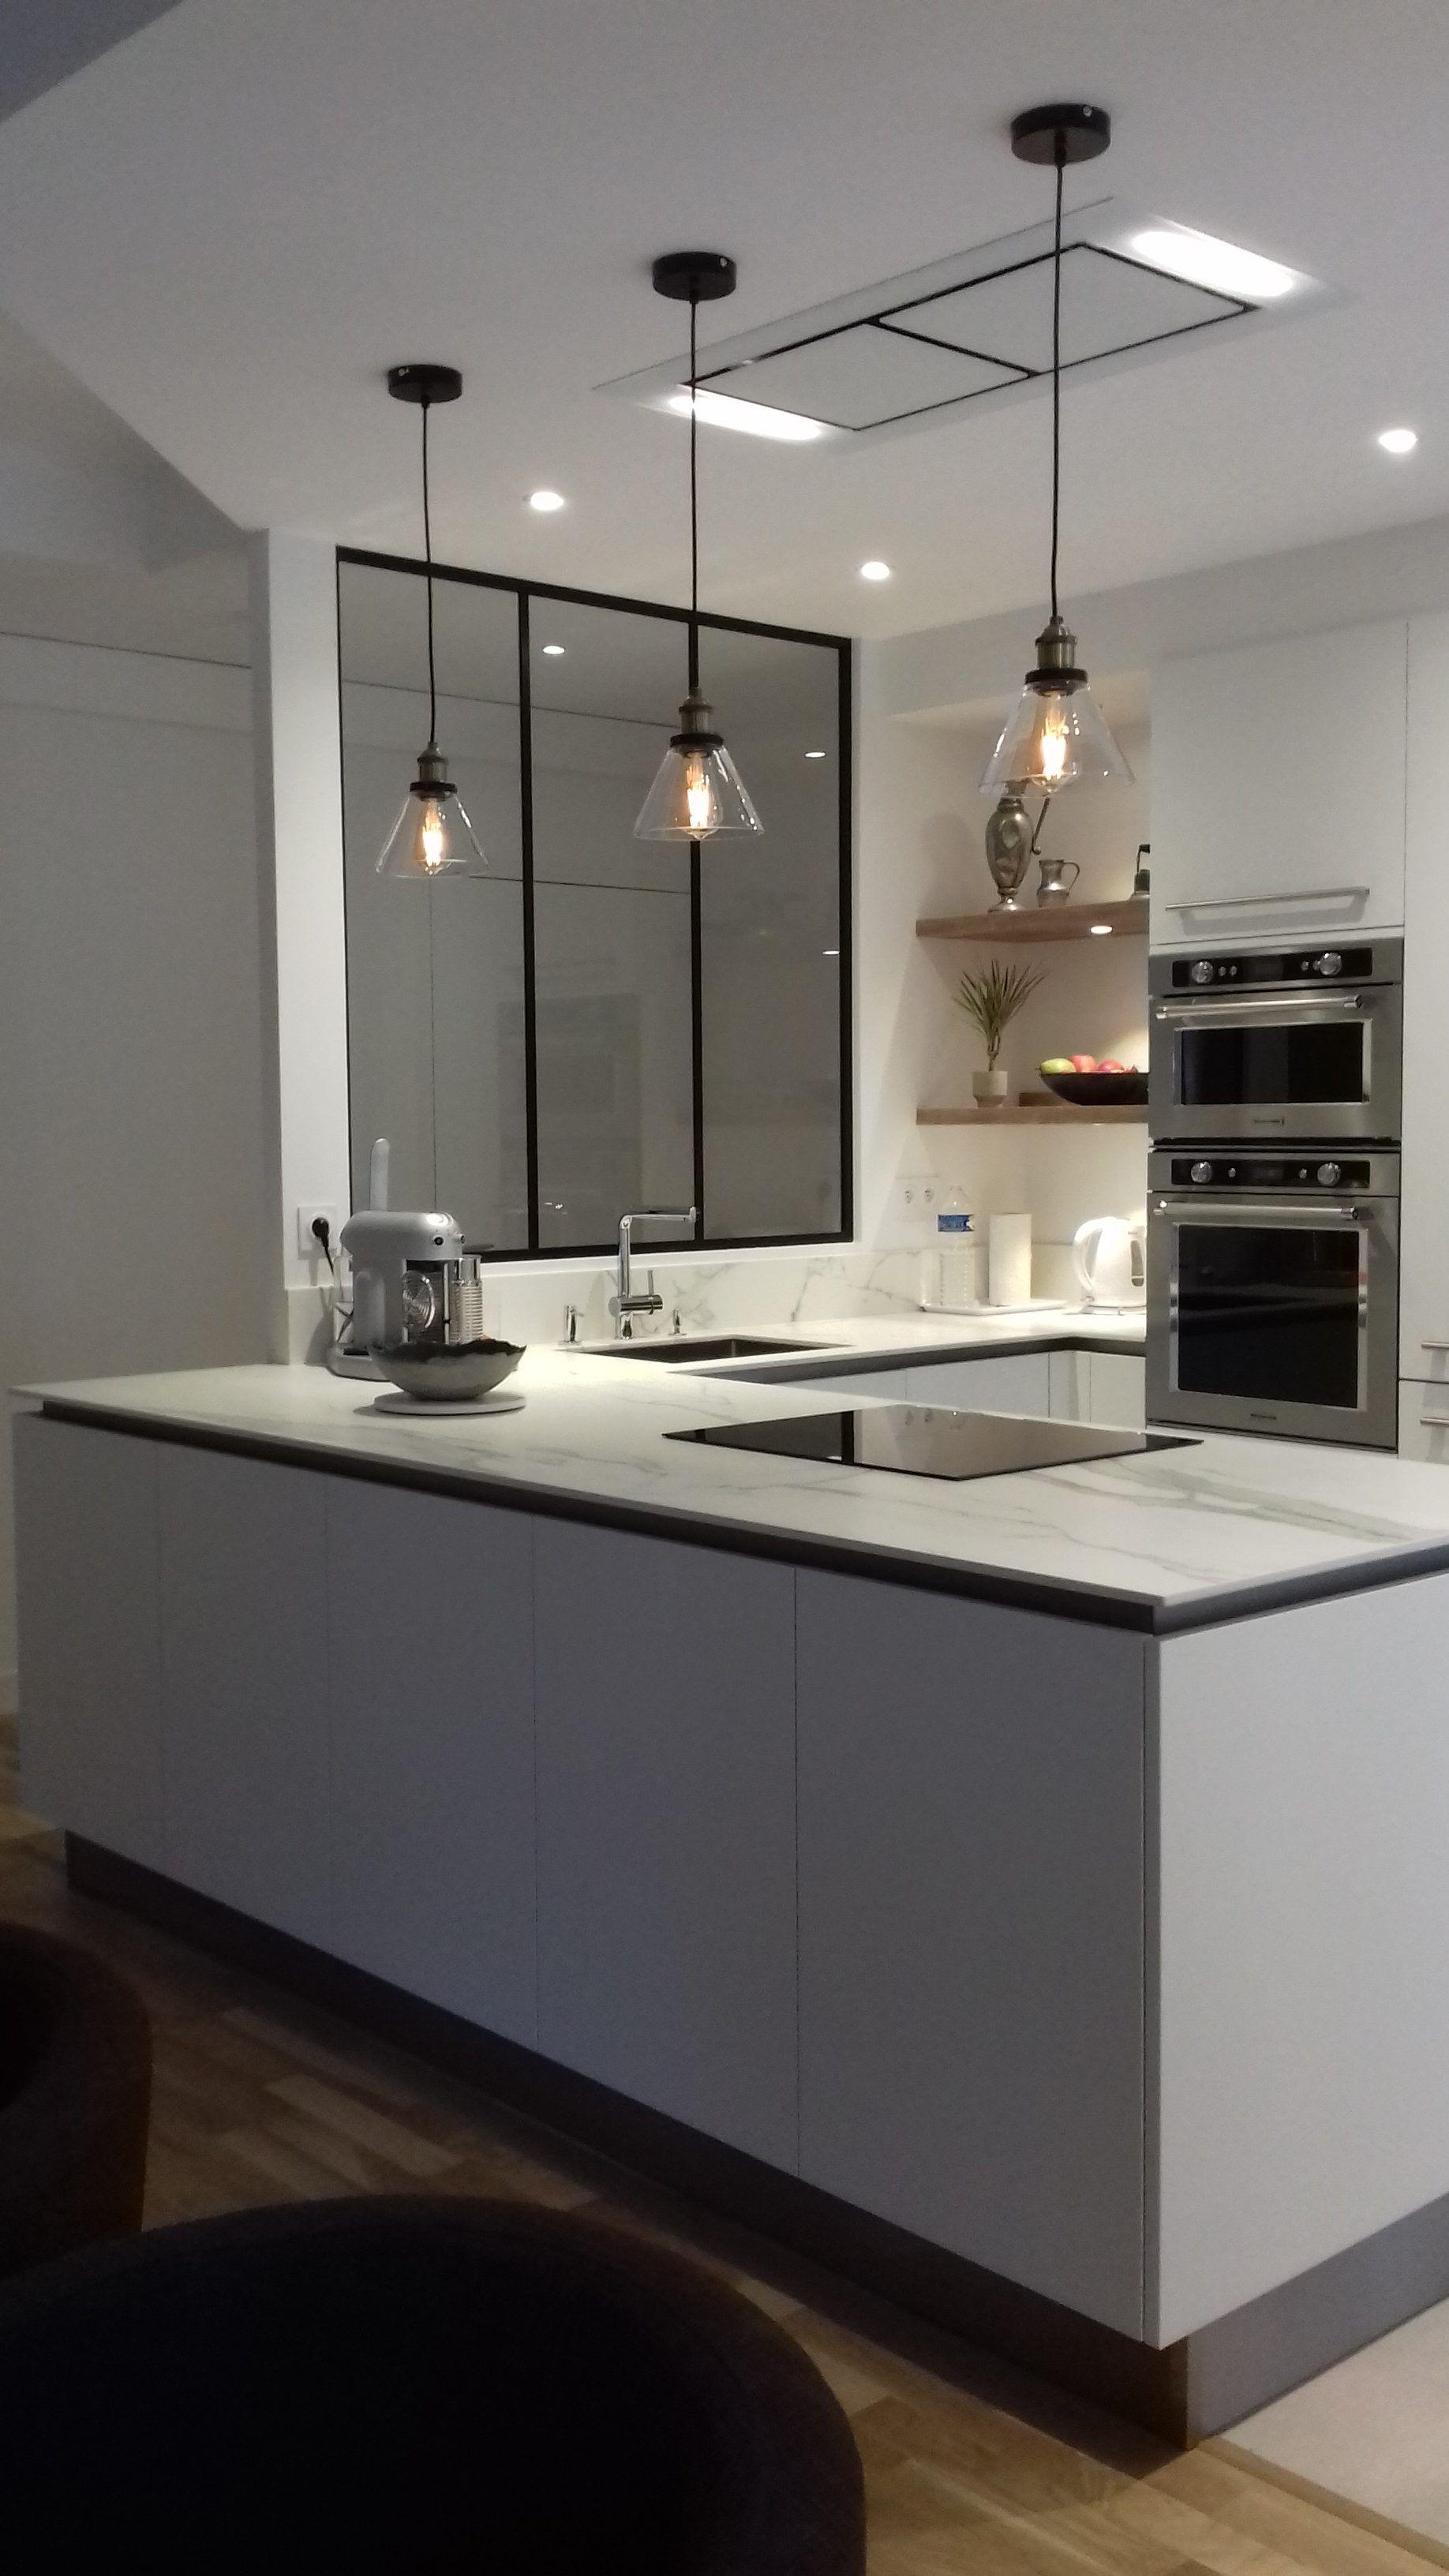 Angers arthur bonnet magasin de cuisines cuisines - Decoration cuisine contemporaine ...